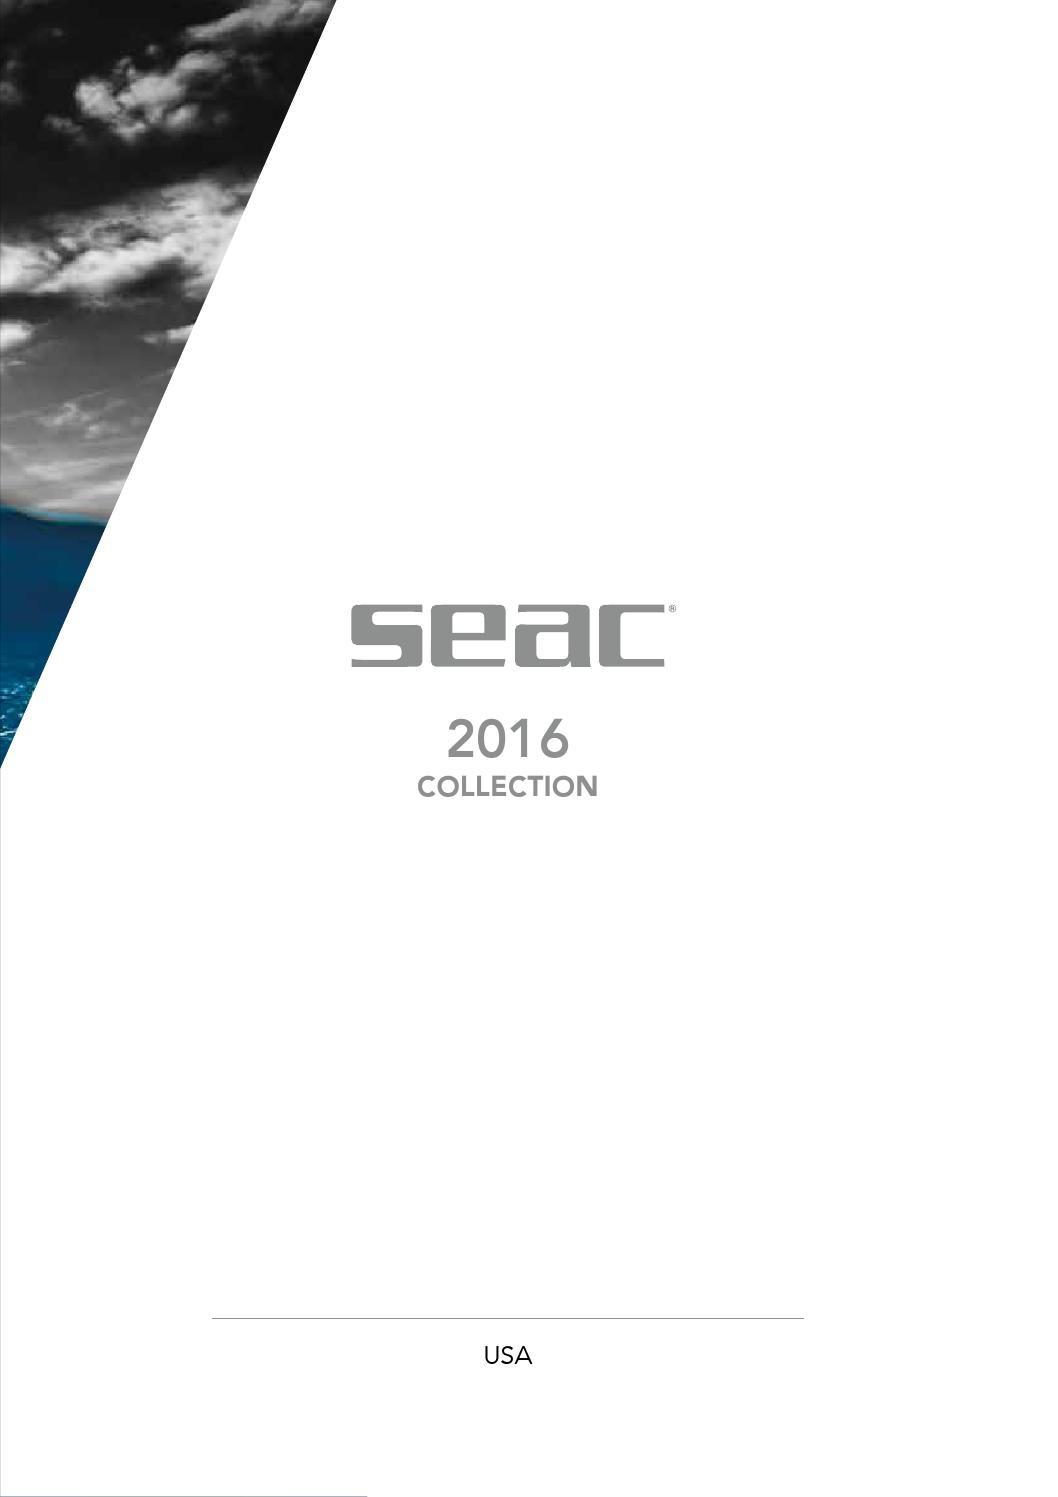 Seac Swimming Ear Plugs 9932